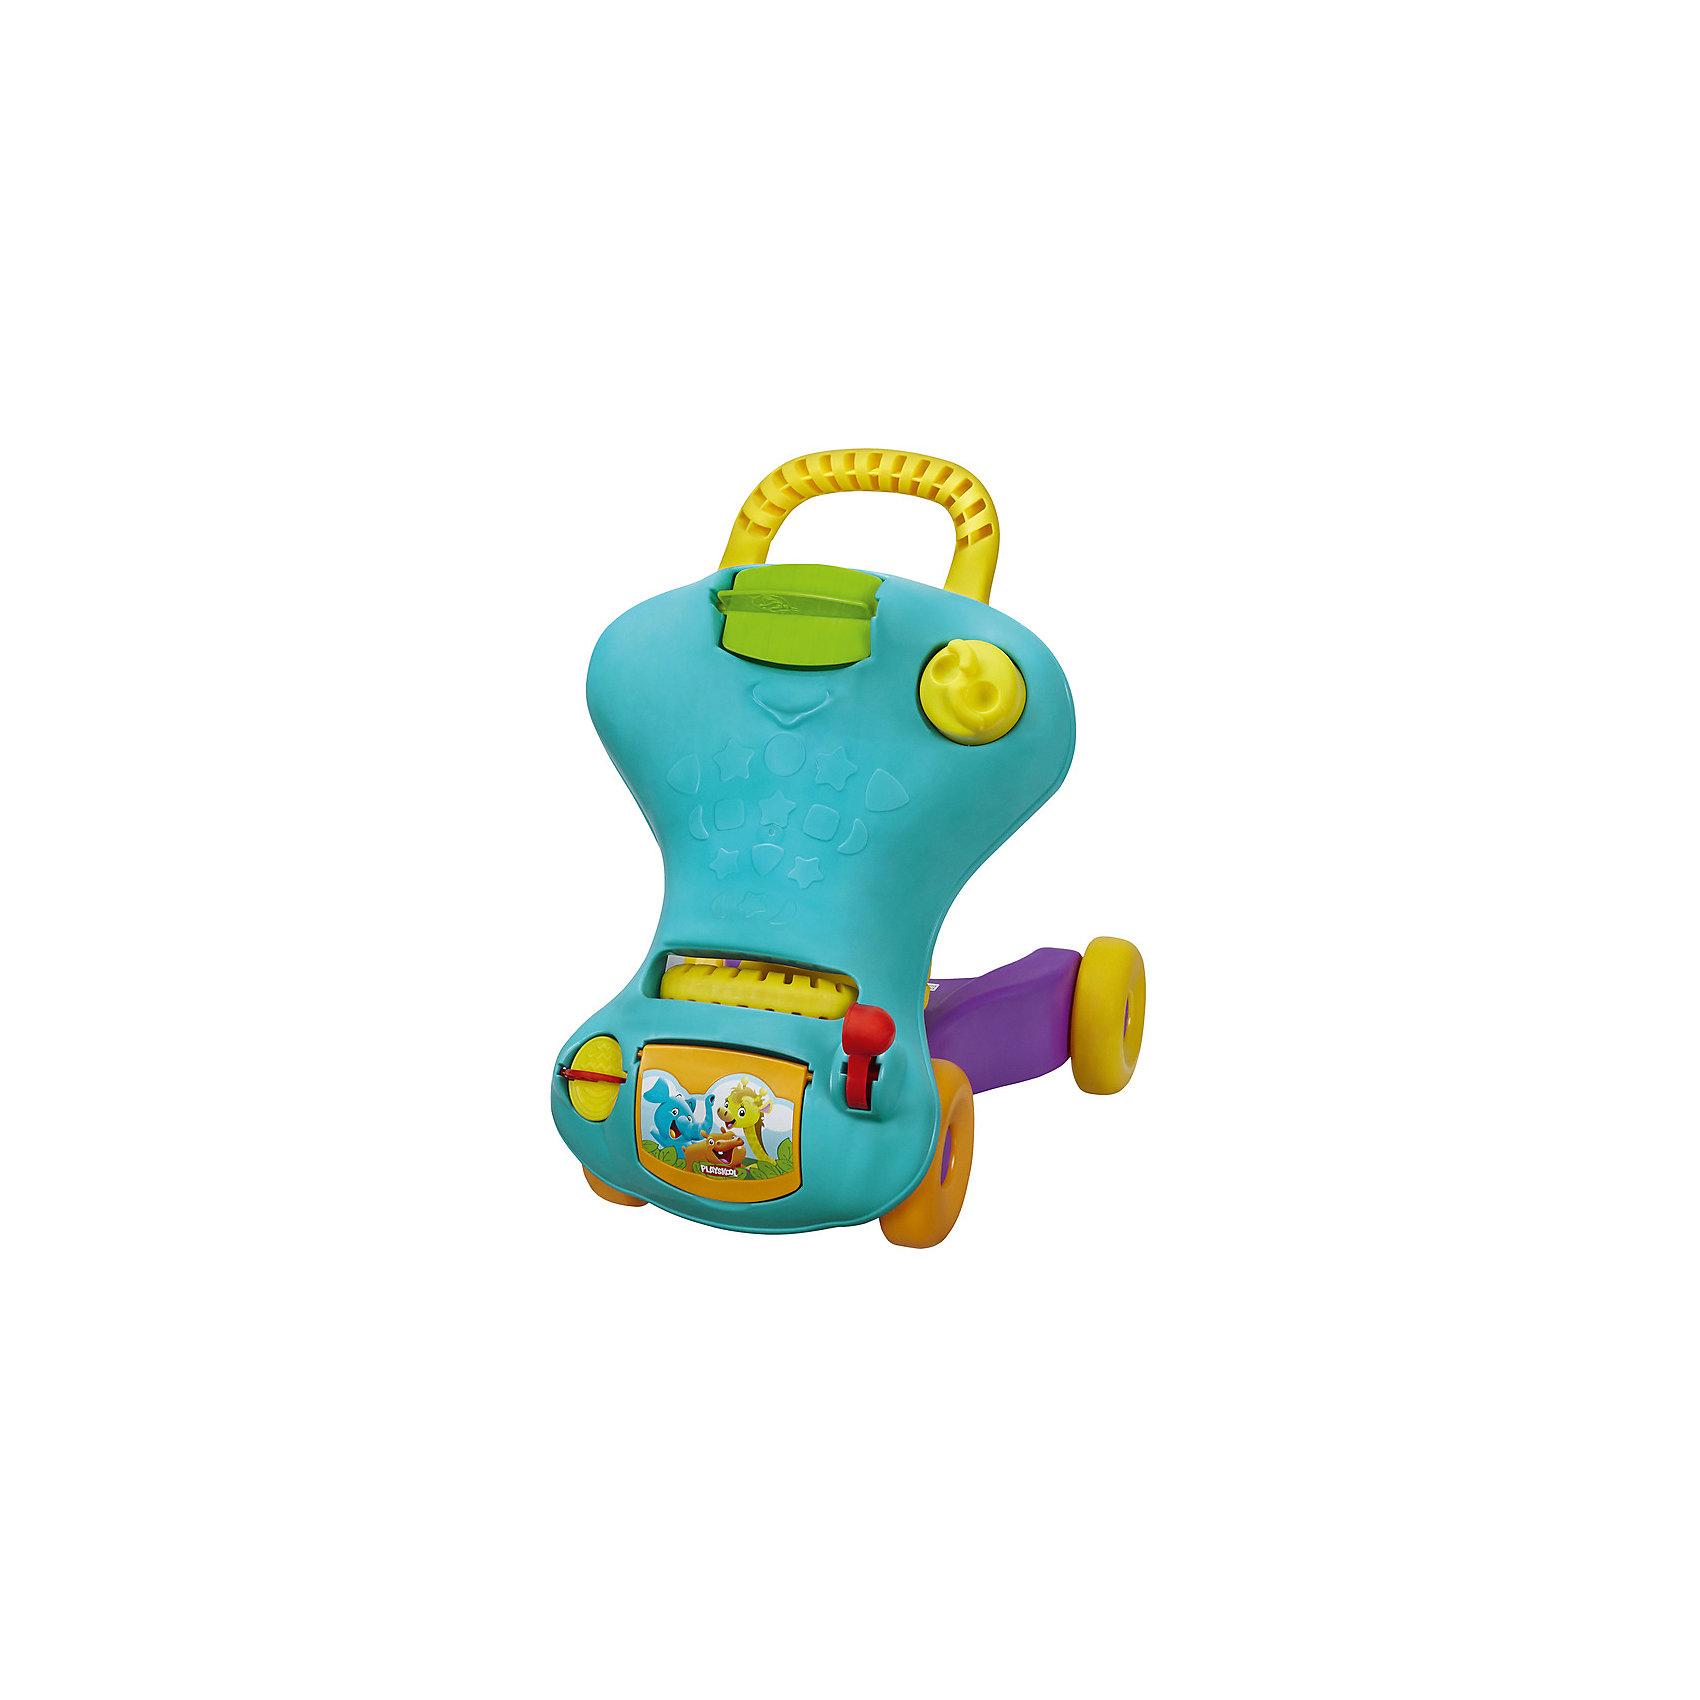 Ходунок-каталка 2 в 1 PLAYSKOOL, синийМашинки-каталки<br>Ходунок-каталка 2 в 1 PLAYSKOOL (Плайскул) в ассортименте, станет отличным подарком для Вашего малыша. Этот ходунок-каталка подходит как для малышей, делающих свои первые шаги, так и для детишек постарше: игрушка может трансформироваться из ходунка-каталки в чудесную машинку для езды! Эта игрушка будет расти вместе с Вашей крохой!<br><br>Когда малыши учатся ходить, им необходима опора, за которую они могут держаться. Яркие ходунки помогут малышу как можно скорее начать ходить самостоятельно. Когда малыш подрастёт, ходунки можно превратить в машинку, на которой малыш будет кататься, отталкиваясь от пола ногами. <br><br>Ходунок-каталка имеет множество увлекательных встроенных игрушек: <br>- маленький цветной барабанчик, который крутится и издает забавные звуки; <br>- яркий кружочек-трещотка, оборудованный рычажками, чтобы даже самым маленьким пальчикам было удобно его вращать; <br>- крутилка-мельница с напечатанными на ней фигурками; <br>- фигурки на сиденье машинки; <br>- удобный и вместительный бардачок; <br>- забавный рычажок, с помощью которого ребенок будет передвигать игрушку.<br><br>Яркие детали и разнообразие их форм заинтересуют Вашу кроху, будут способствовать развитию цветовосприятия и мелкой моторики рук.<br><br>Этот яркий ходунок-каталка доставит массу удовольствия Вашему малышу и превратит нелёгкий процесс обучения в увлекательное занятие!<br><br><br>Дополнительная информация:  <br><br>- Размер каталки: 43 х 20,1 х 34,4 см<br>- Высота ходунков: 41 см<br>- Вес: 2,5 кг<br>- Материал: мягкий пластик<br>- Максимальная нагрузка: 19 кг.<br>-Цвета: синий<br><br>Ходунок-каталку 2 в 1 PLAYSKOOL можно купить в нашем интернет-магазине.<br><br>Ширина мм: 203<br>Глубина мм: 432<br>Высота мм: 356<br>Вес г: 2500<br>Возраст от месяцев: 9<br>Возраст до месяцев: 36<br>Пол: Унисекс<br>Возраст: Детский<br>SKU: 1430136